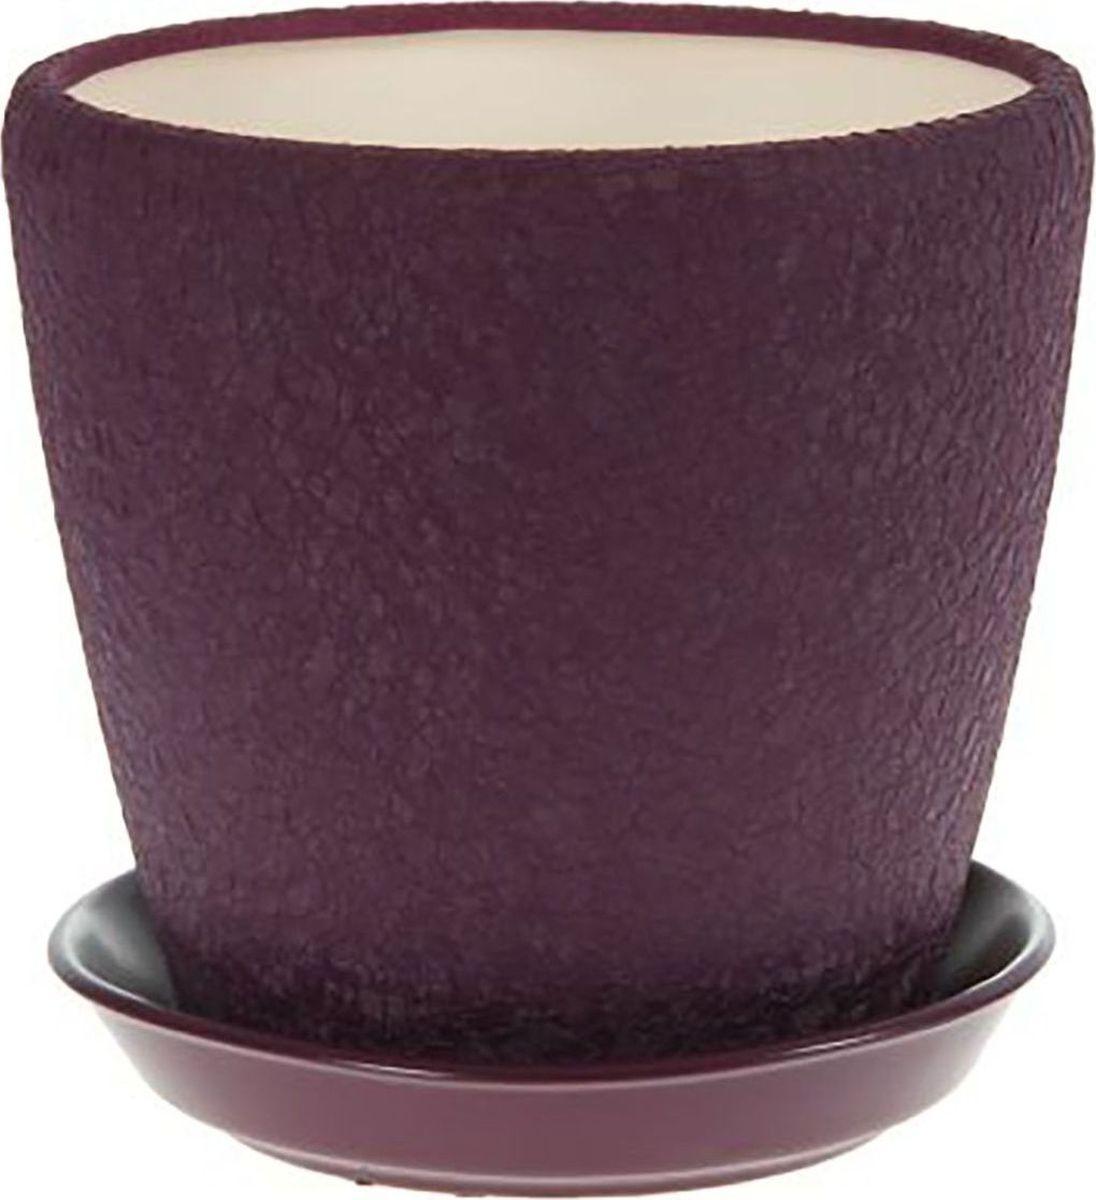 Кашпо Керамика ручной работы Грация, цвет: фиолетовый, 10 л1158468Комнатные растения - всеобщие любимцы. Они радуют глаз, насыщают помещение кислородом и украшают пространство. Каждому из них необходим свой удобный и красивый дом. Кашпо из керамики прекрасно подходят для высадки растений:пористый материал позволяет испаряться лишней влаге;воздух, необходимый для дыхания корней, проникает сквозь керамические стенки. Кашпо Грация позаботится о зеленом питомце, освежит интерьер и подчеркнет его стиль.